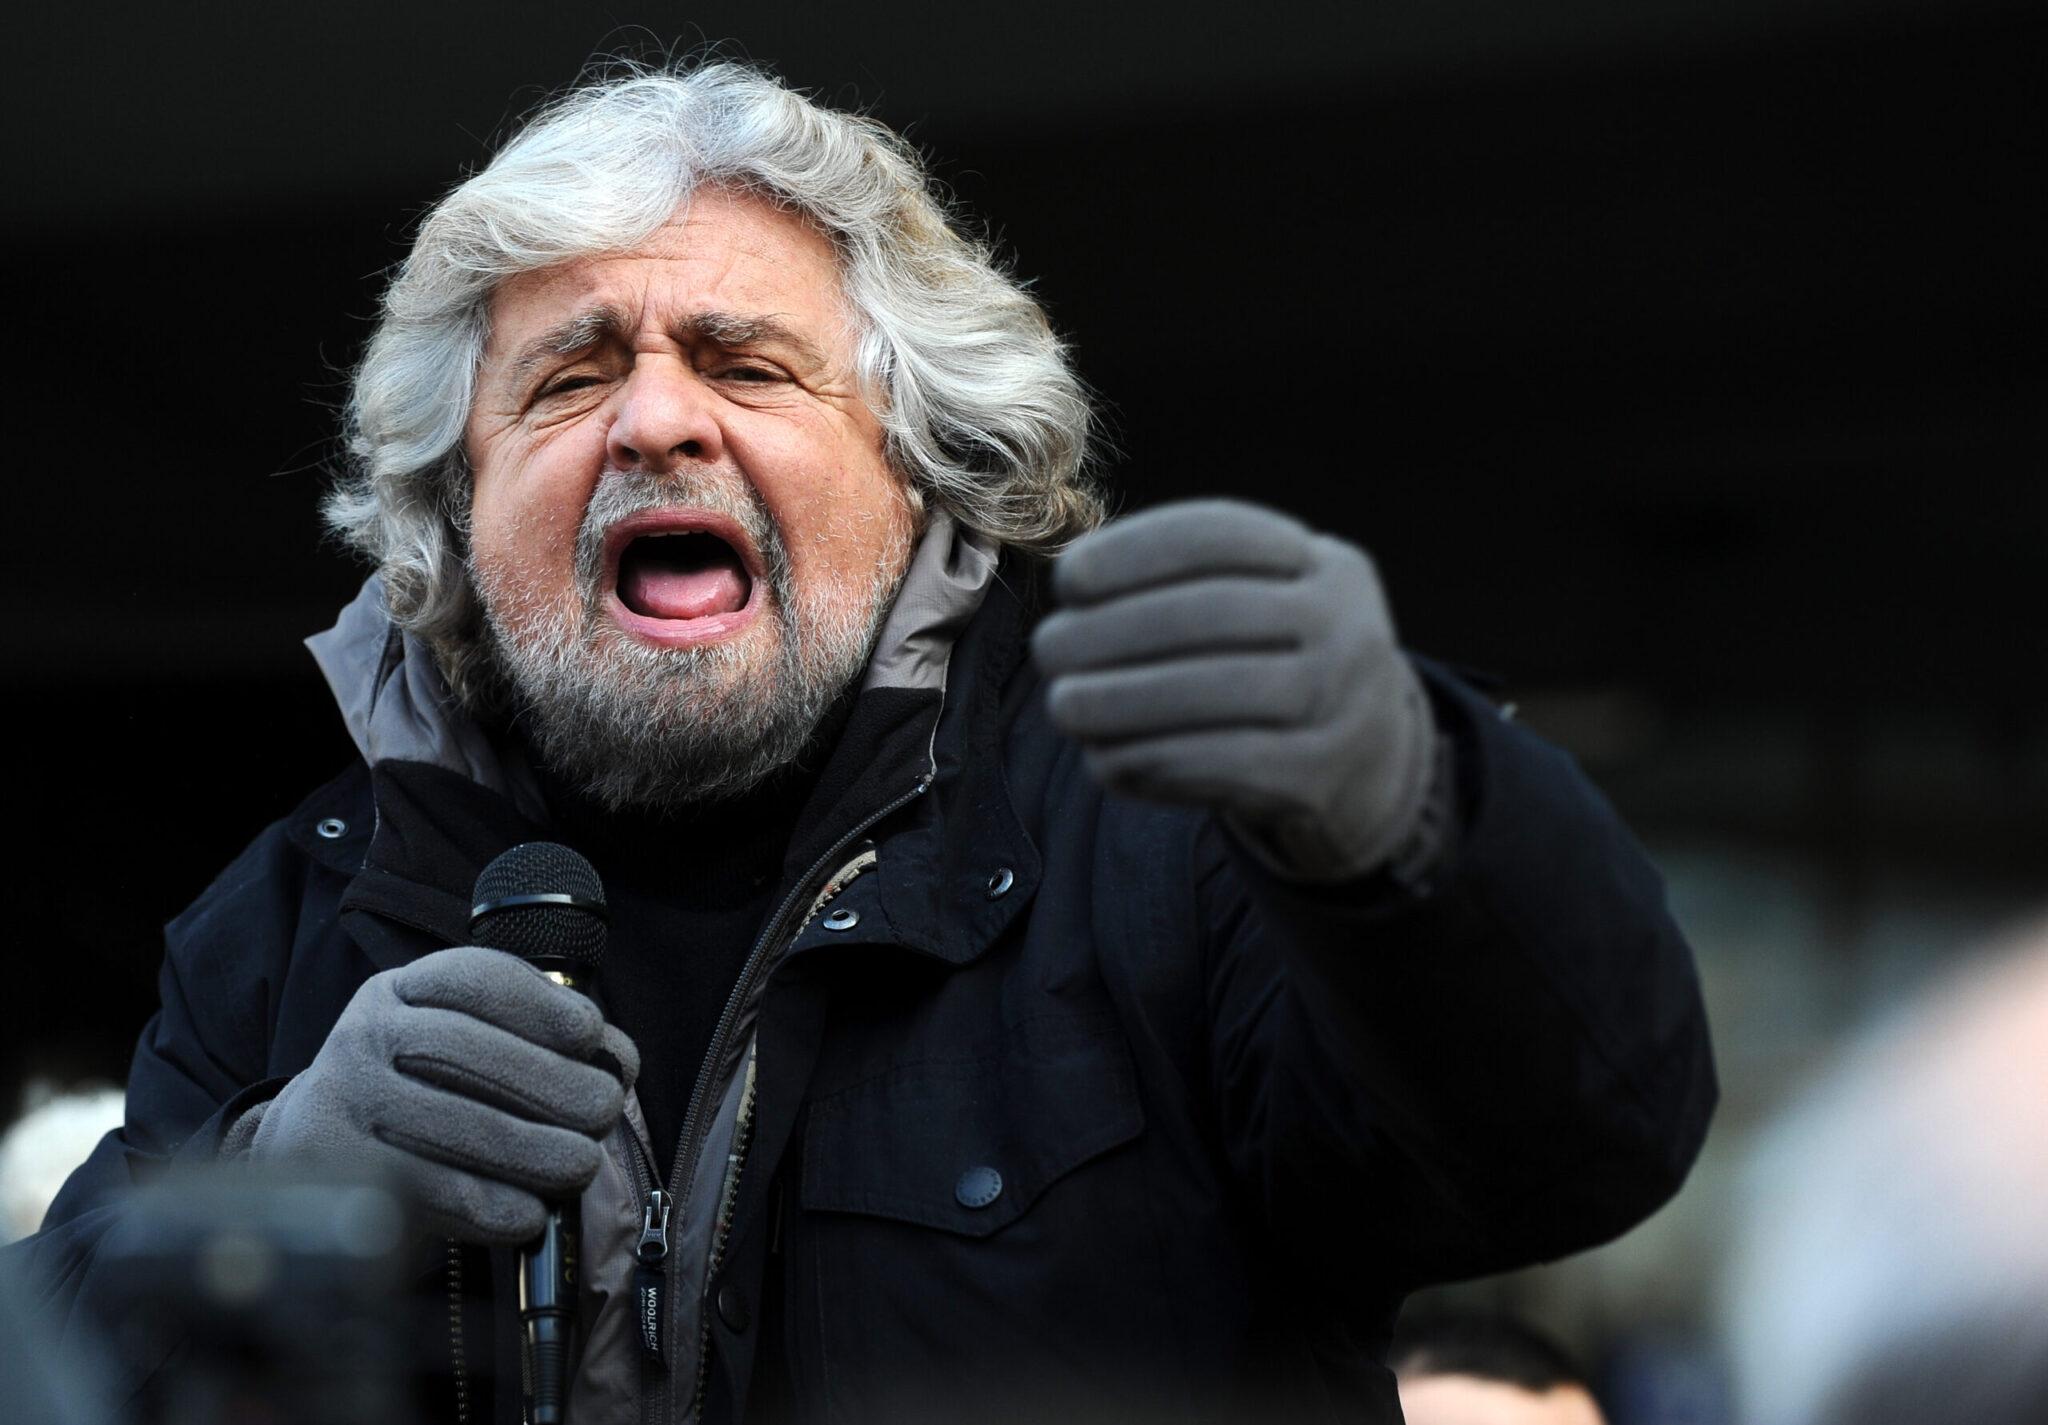 Anziani sempre più maltrattati<br>E Grillo vuole togliergli pure il diritto di voto